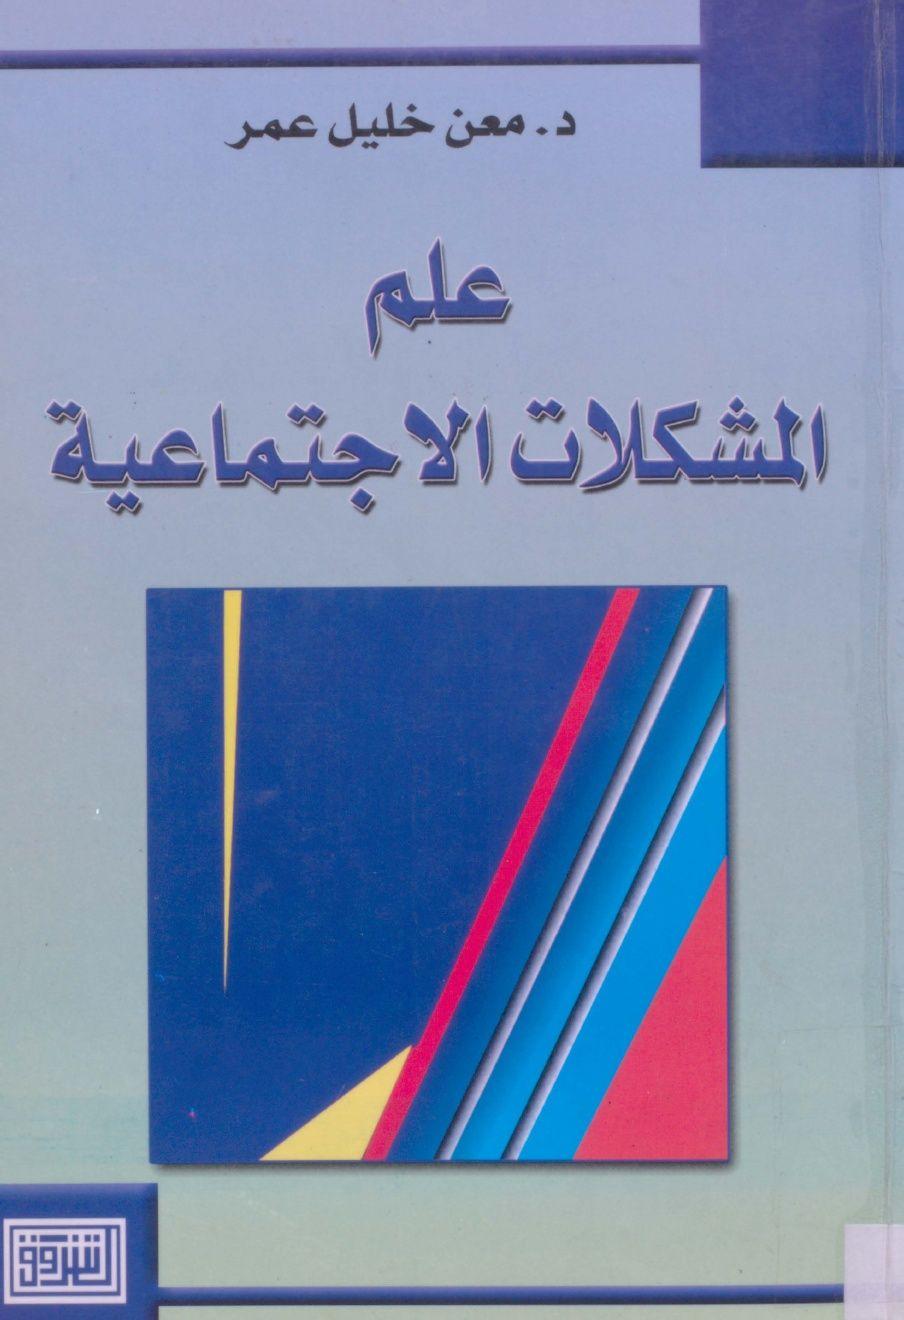 تحميل كتاب علم المشكلات الاجتماعية Pdf الدكتور معن خليل العمر Pdf Books Free Pdf Books Pdf Download